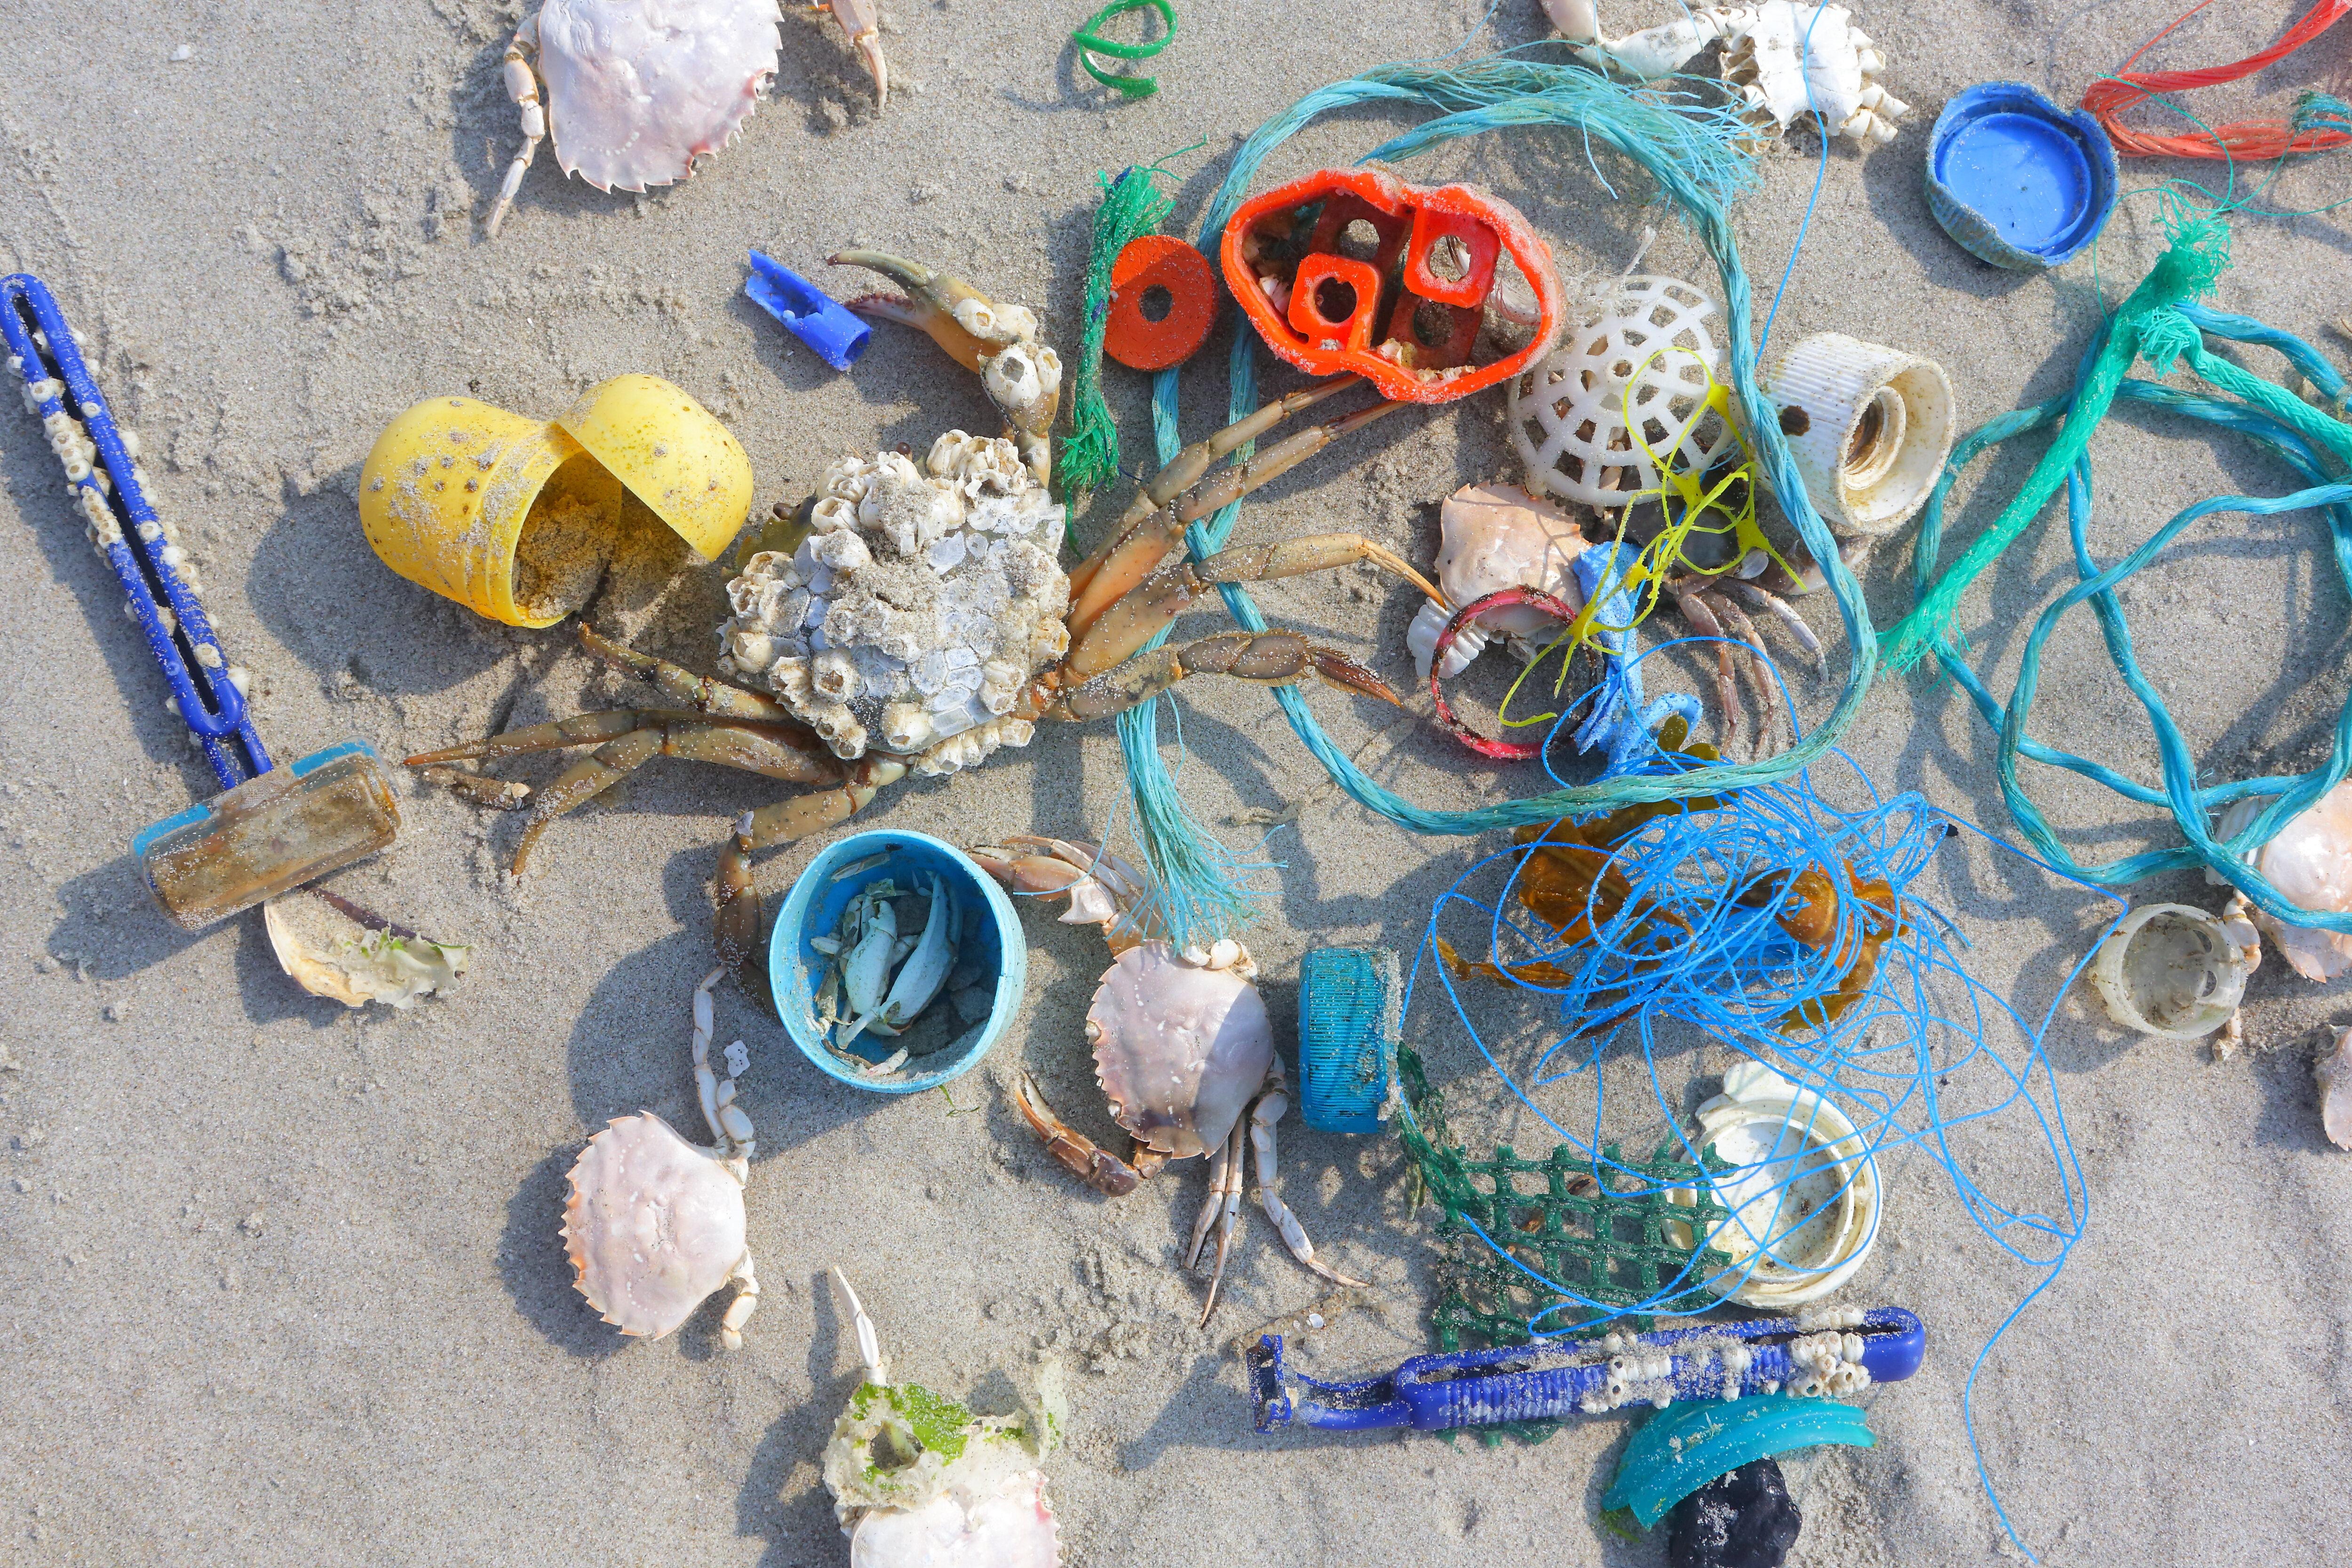 Plastic op het strand van de Noordzee